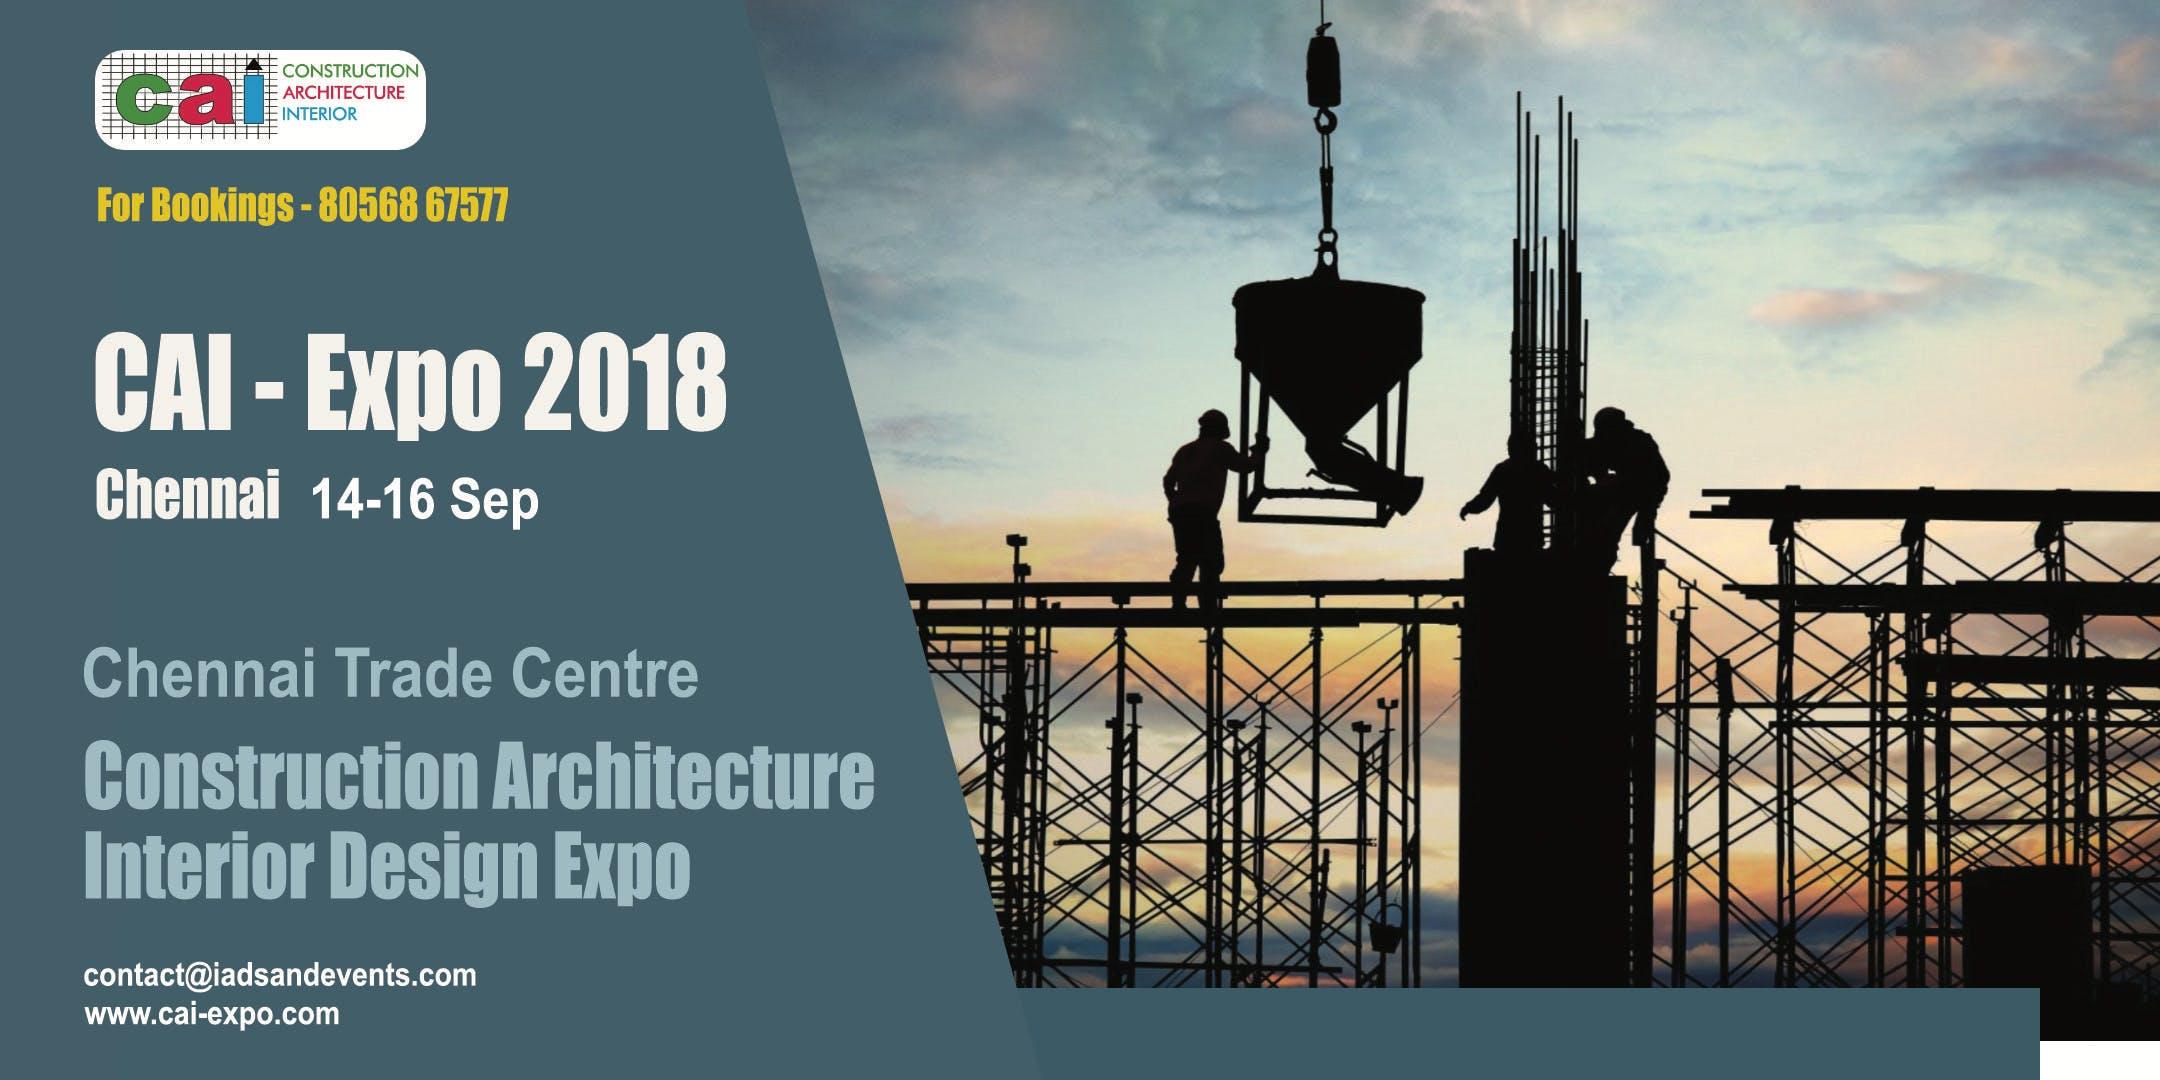 CAI Expo 2018 (Construction Architecture Interior) - Chennai